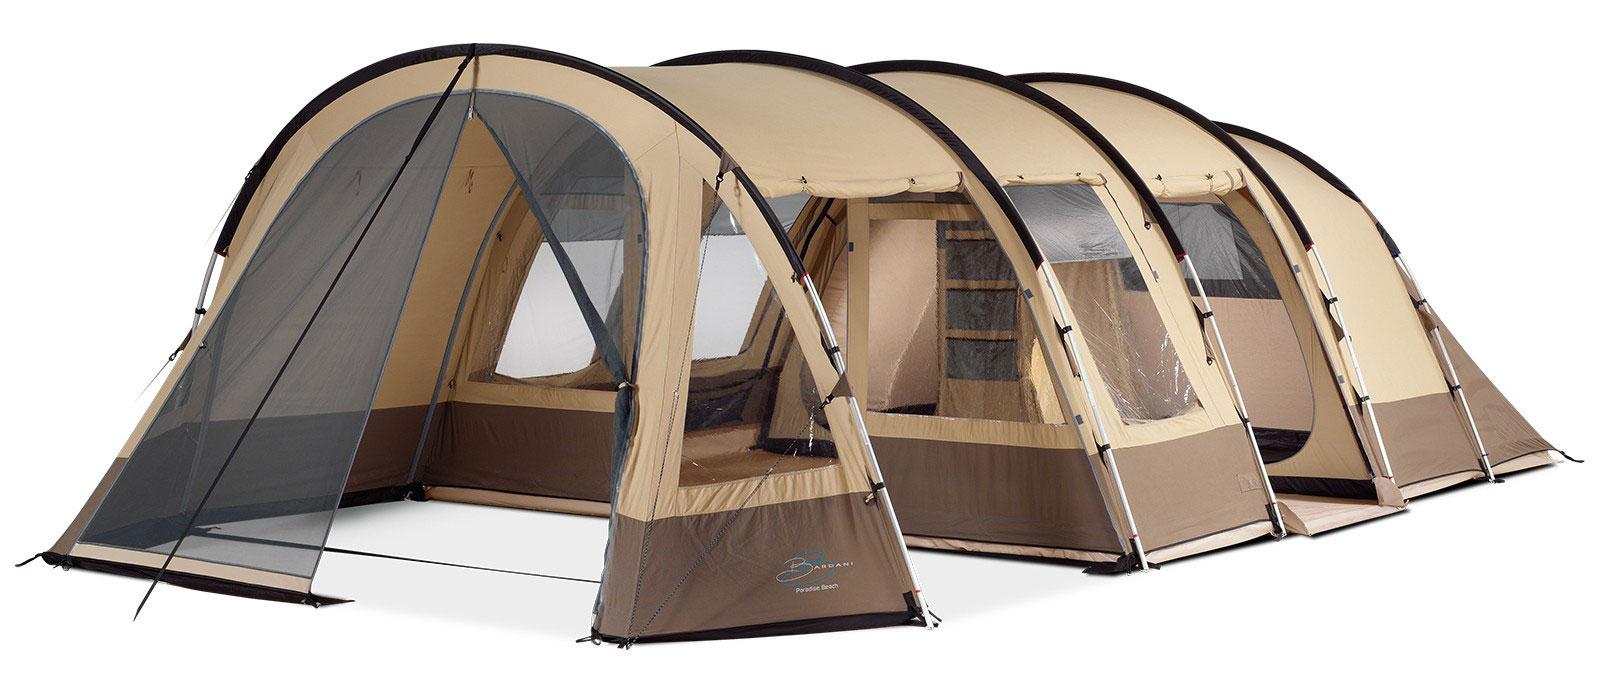 Tente de camping hollandaise